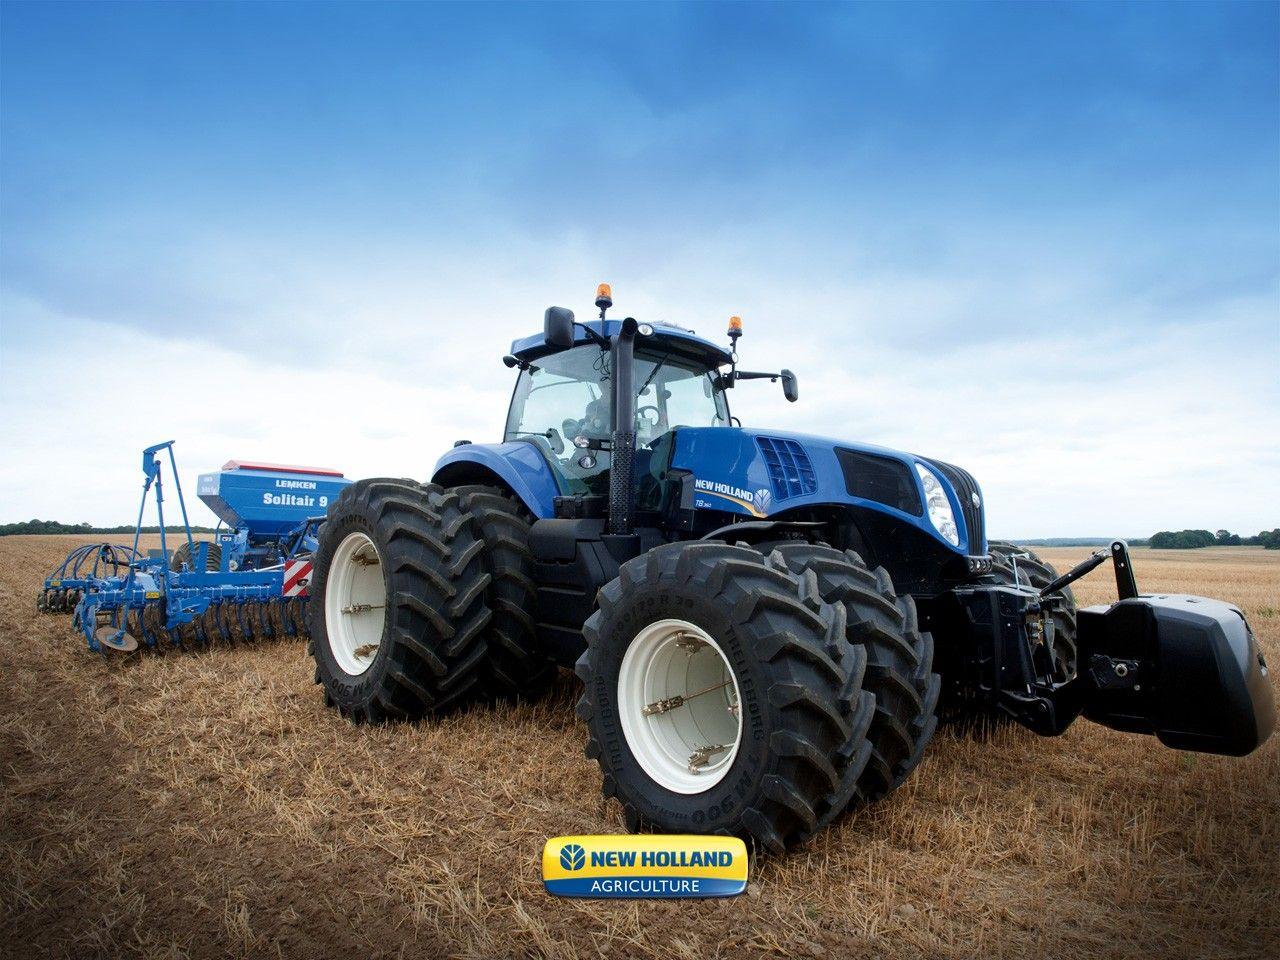 tractor Computer Wallpapers Desktop Backgrounds 1280x960 ID 1280x960